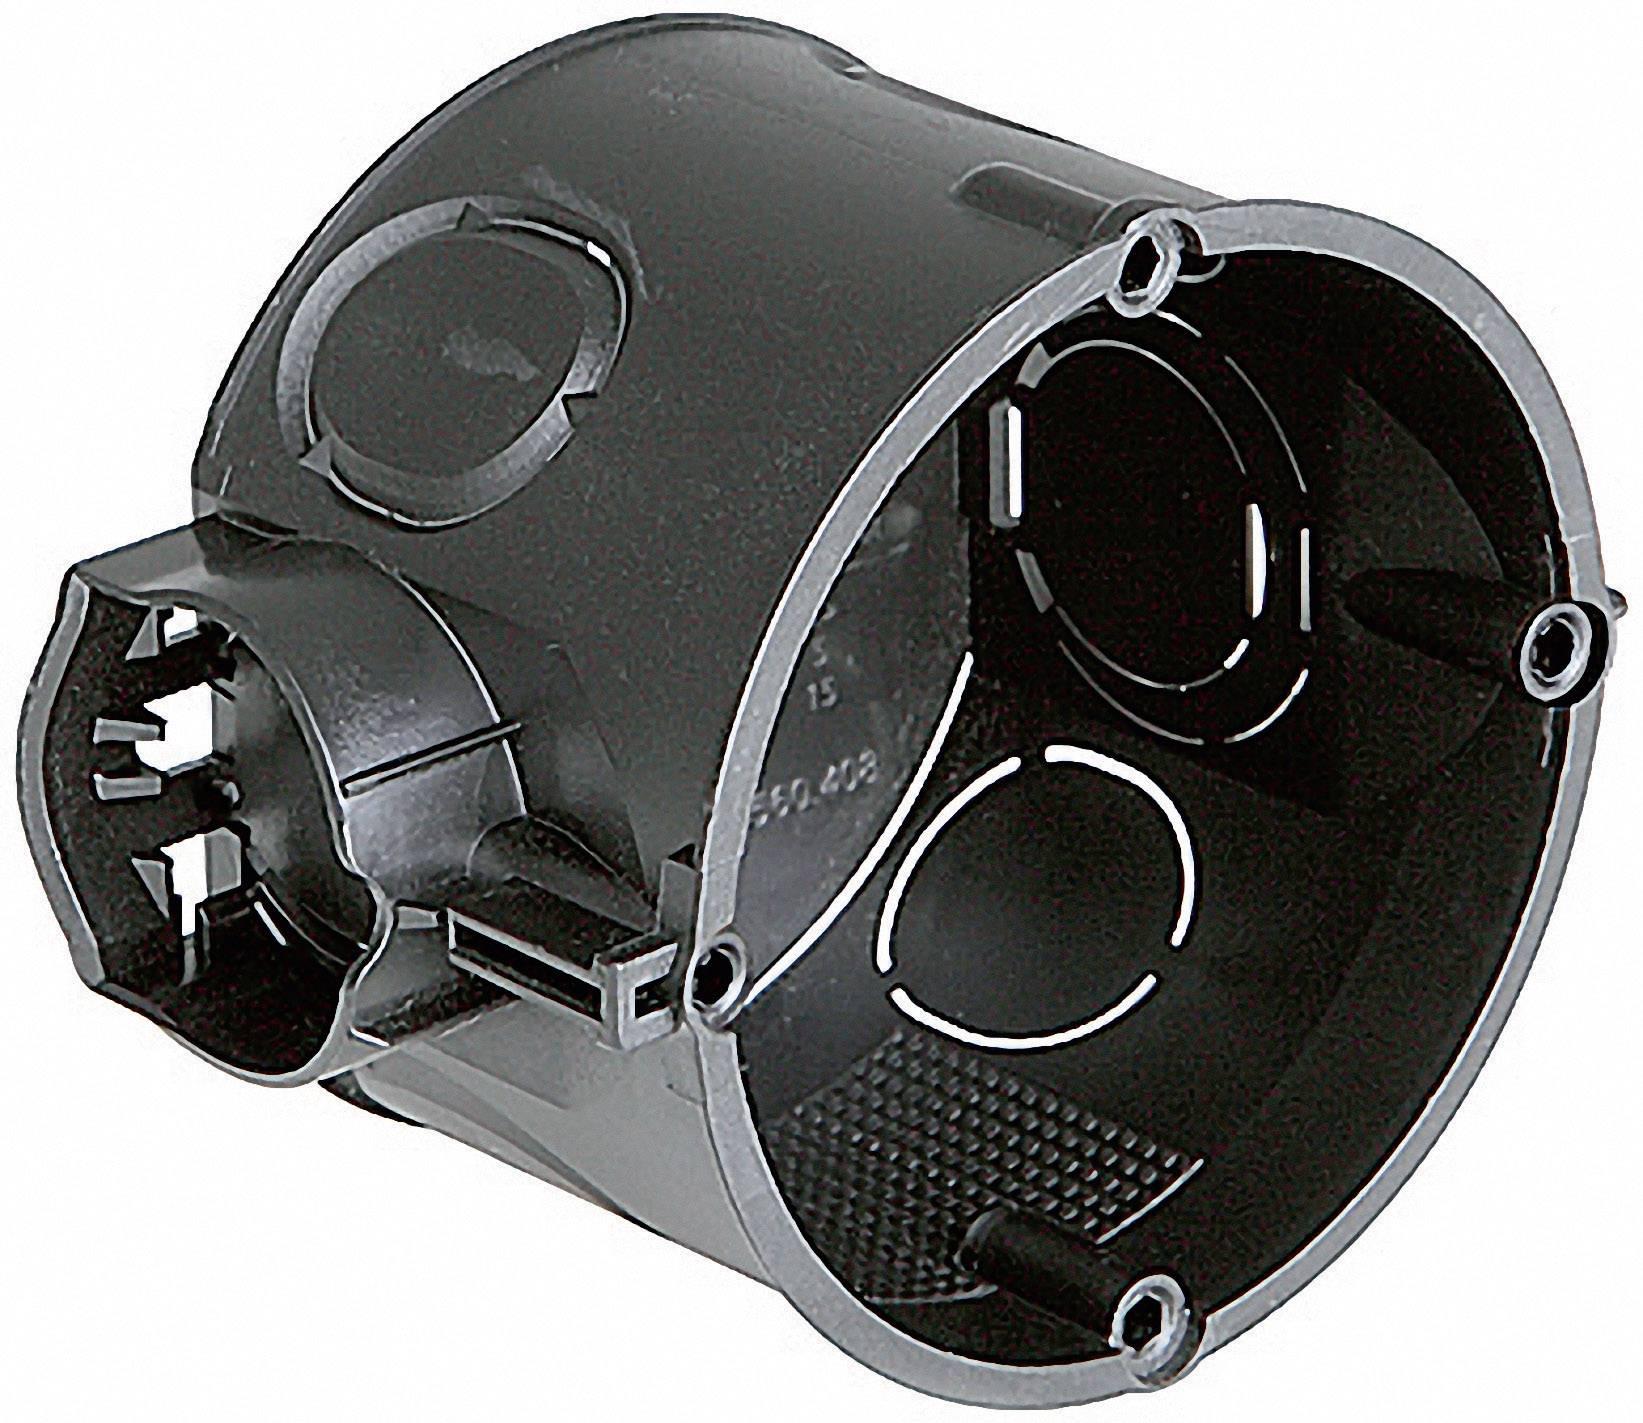 Inštalačná krabica Kaiser Elektro 1055-04, bez skrutiek, 60 x 46 mm, čierna